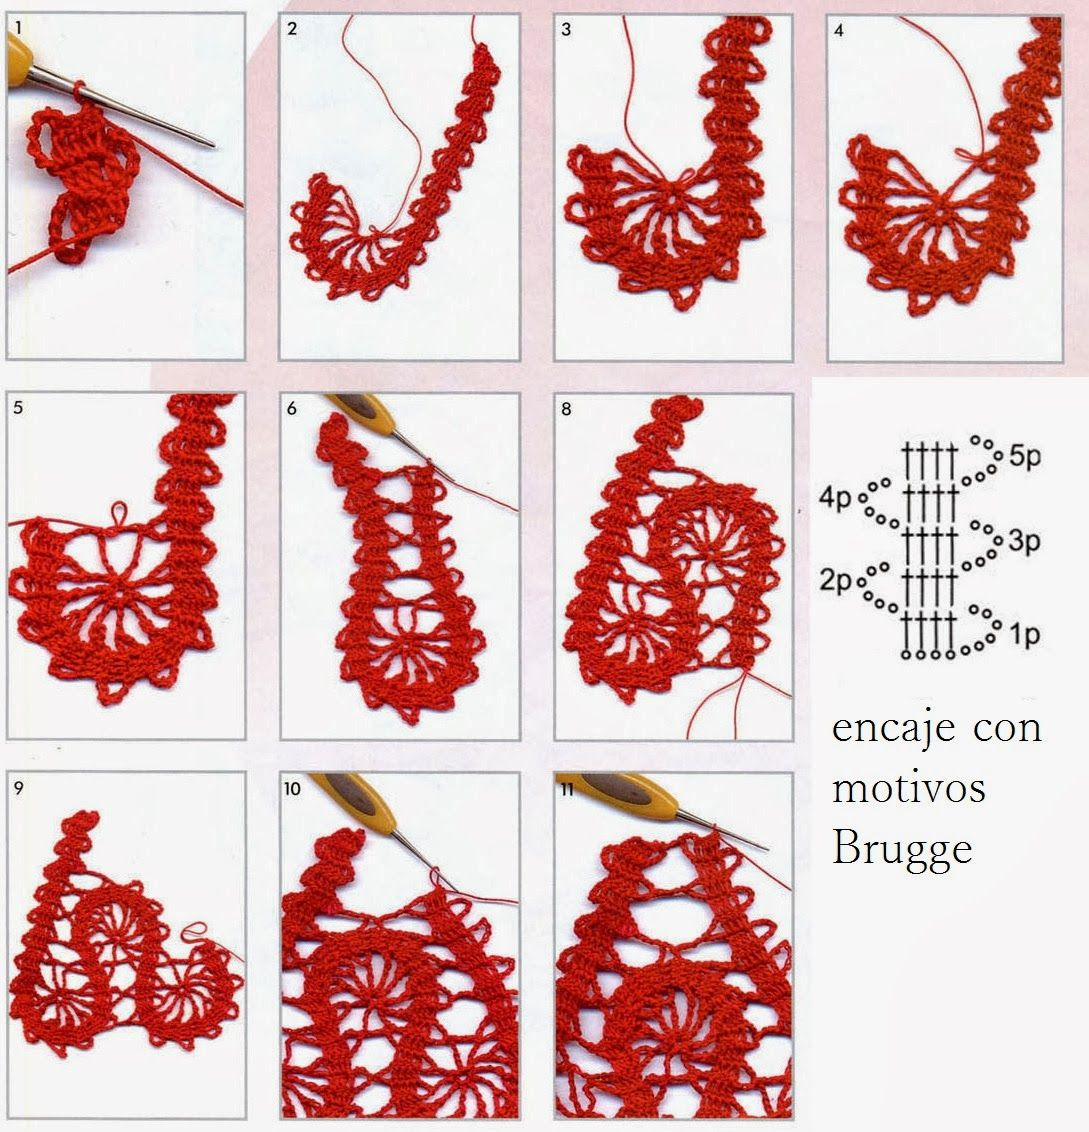 Punto Crochet Encaje con Motivos Brugge - Patrones Crochet ...